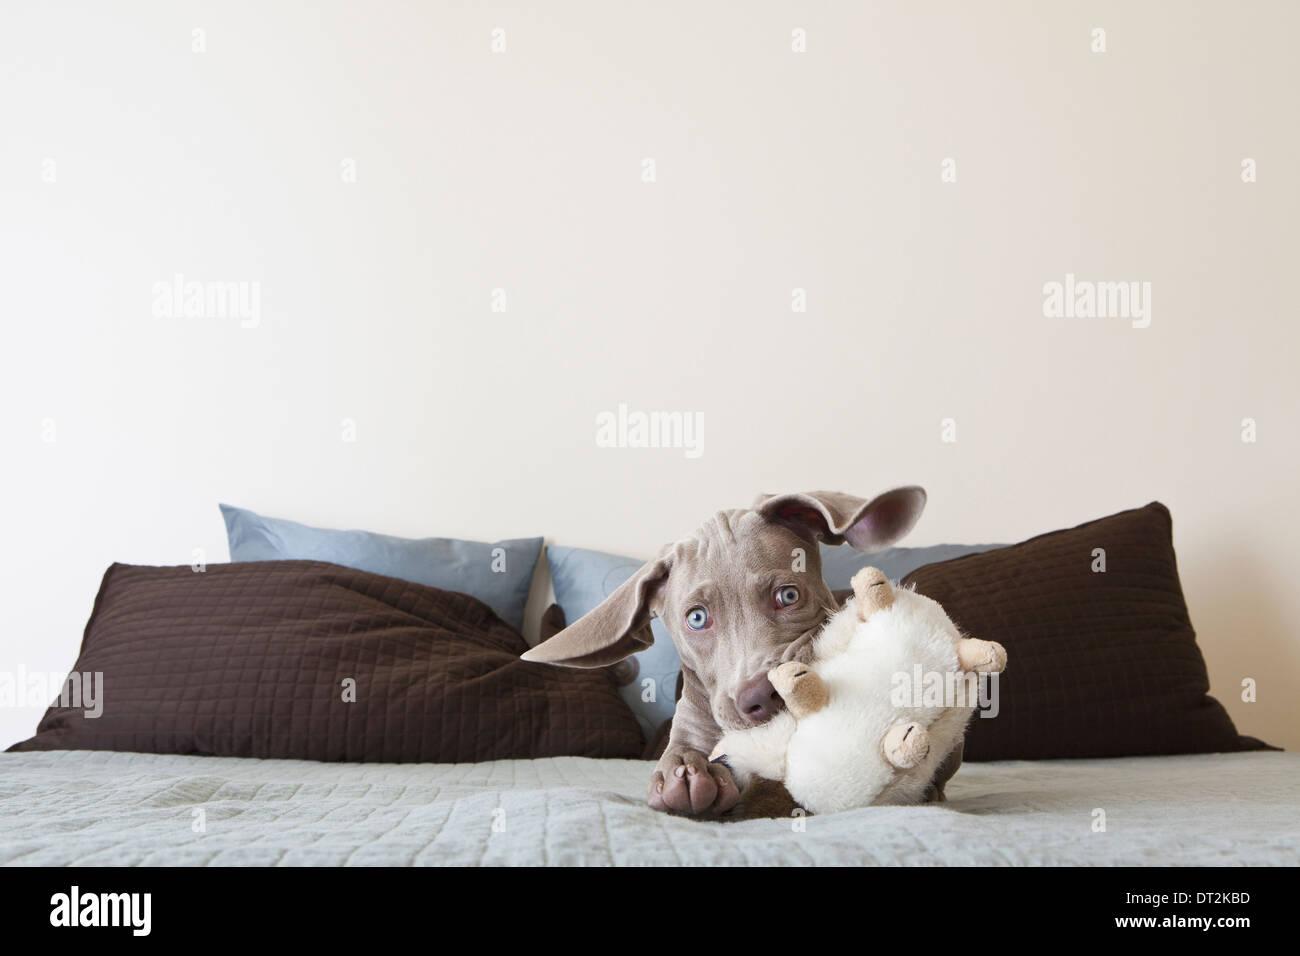 Ein Weimaraner Welpe spielen auf einem Bett mit Stofftier im Maul Stockbild